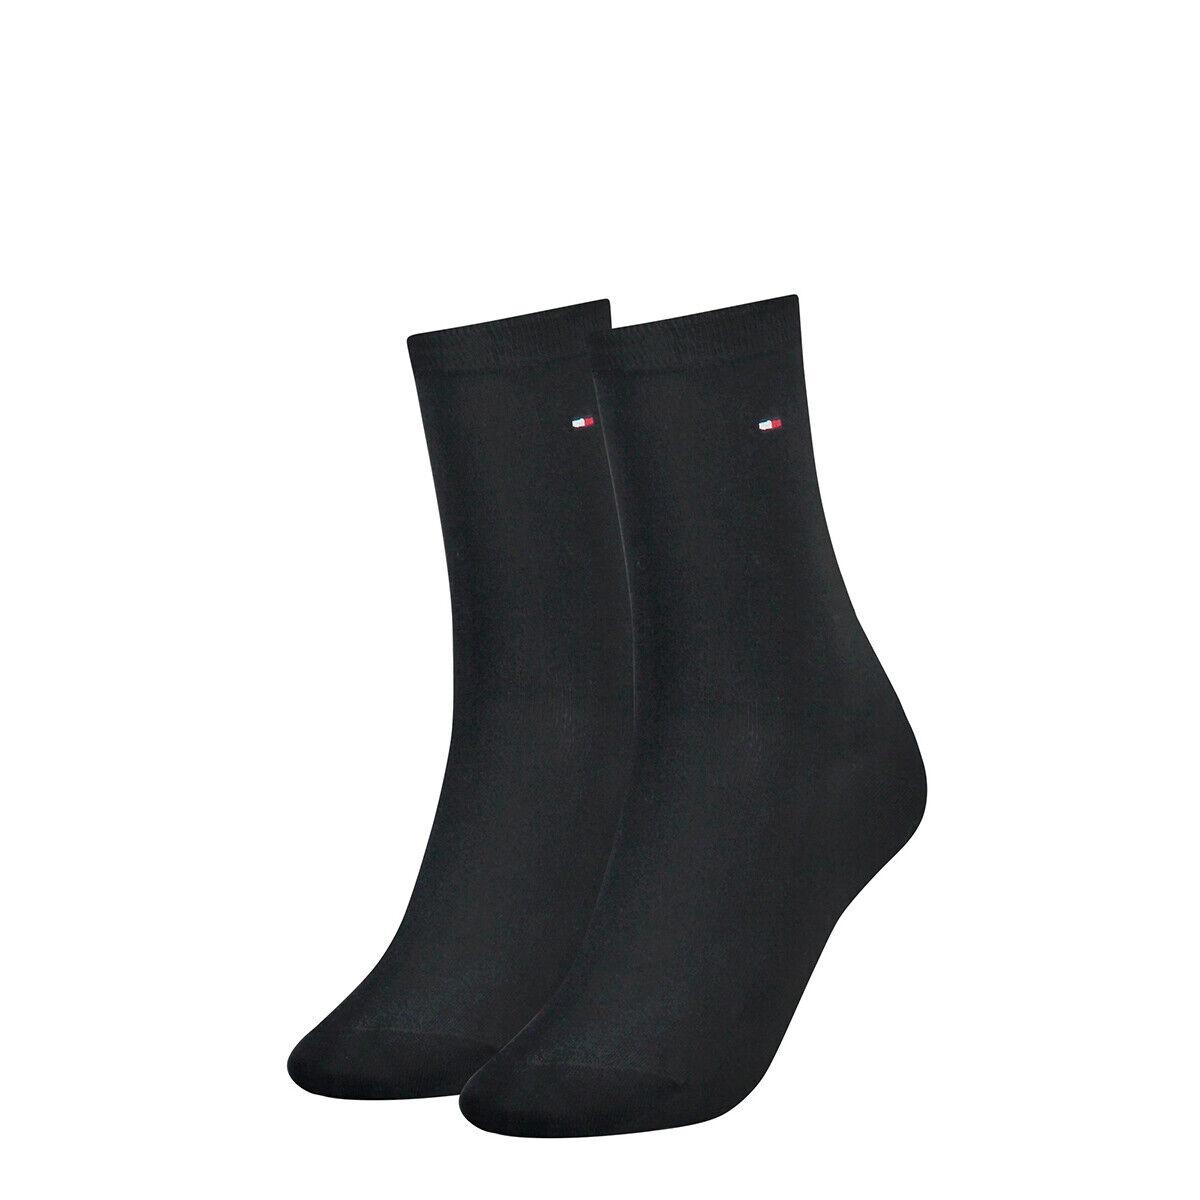 TOMMY HILFIGER Damen Socken Classic Strümpfe einfarbig Vorteilspack